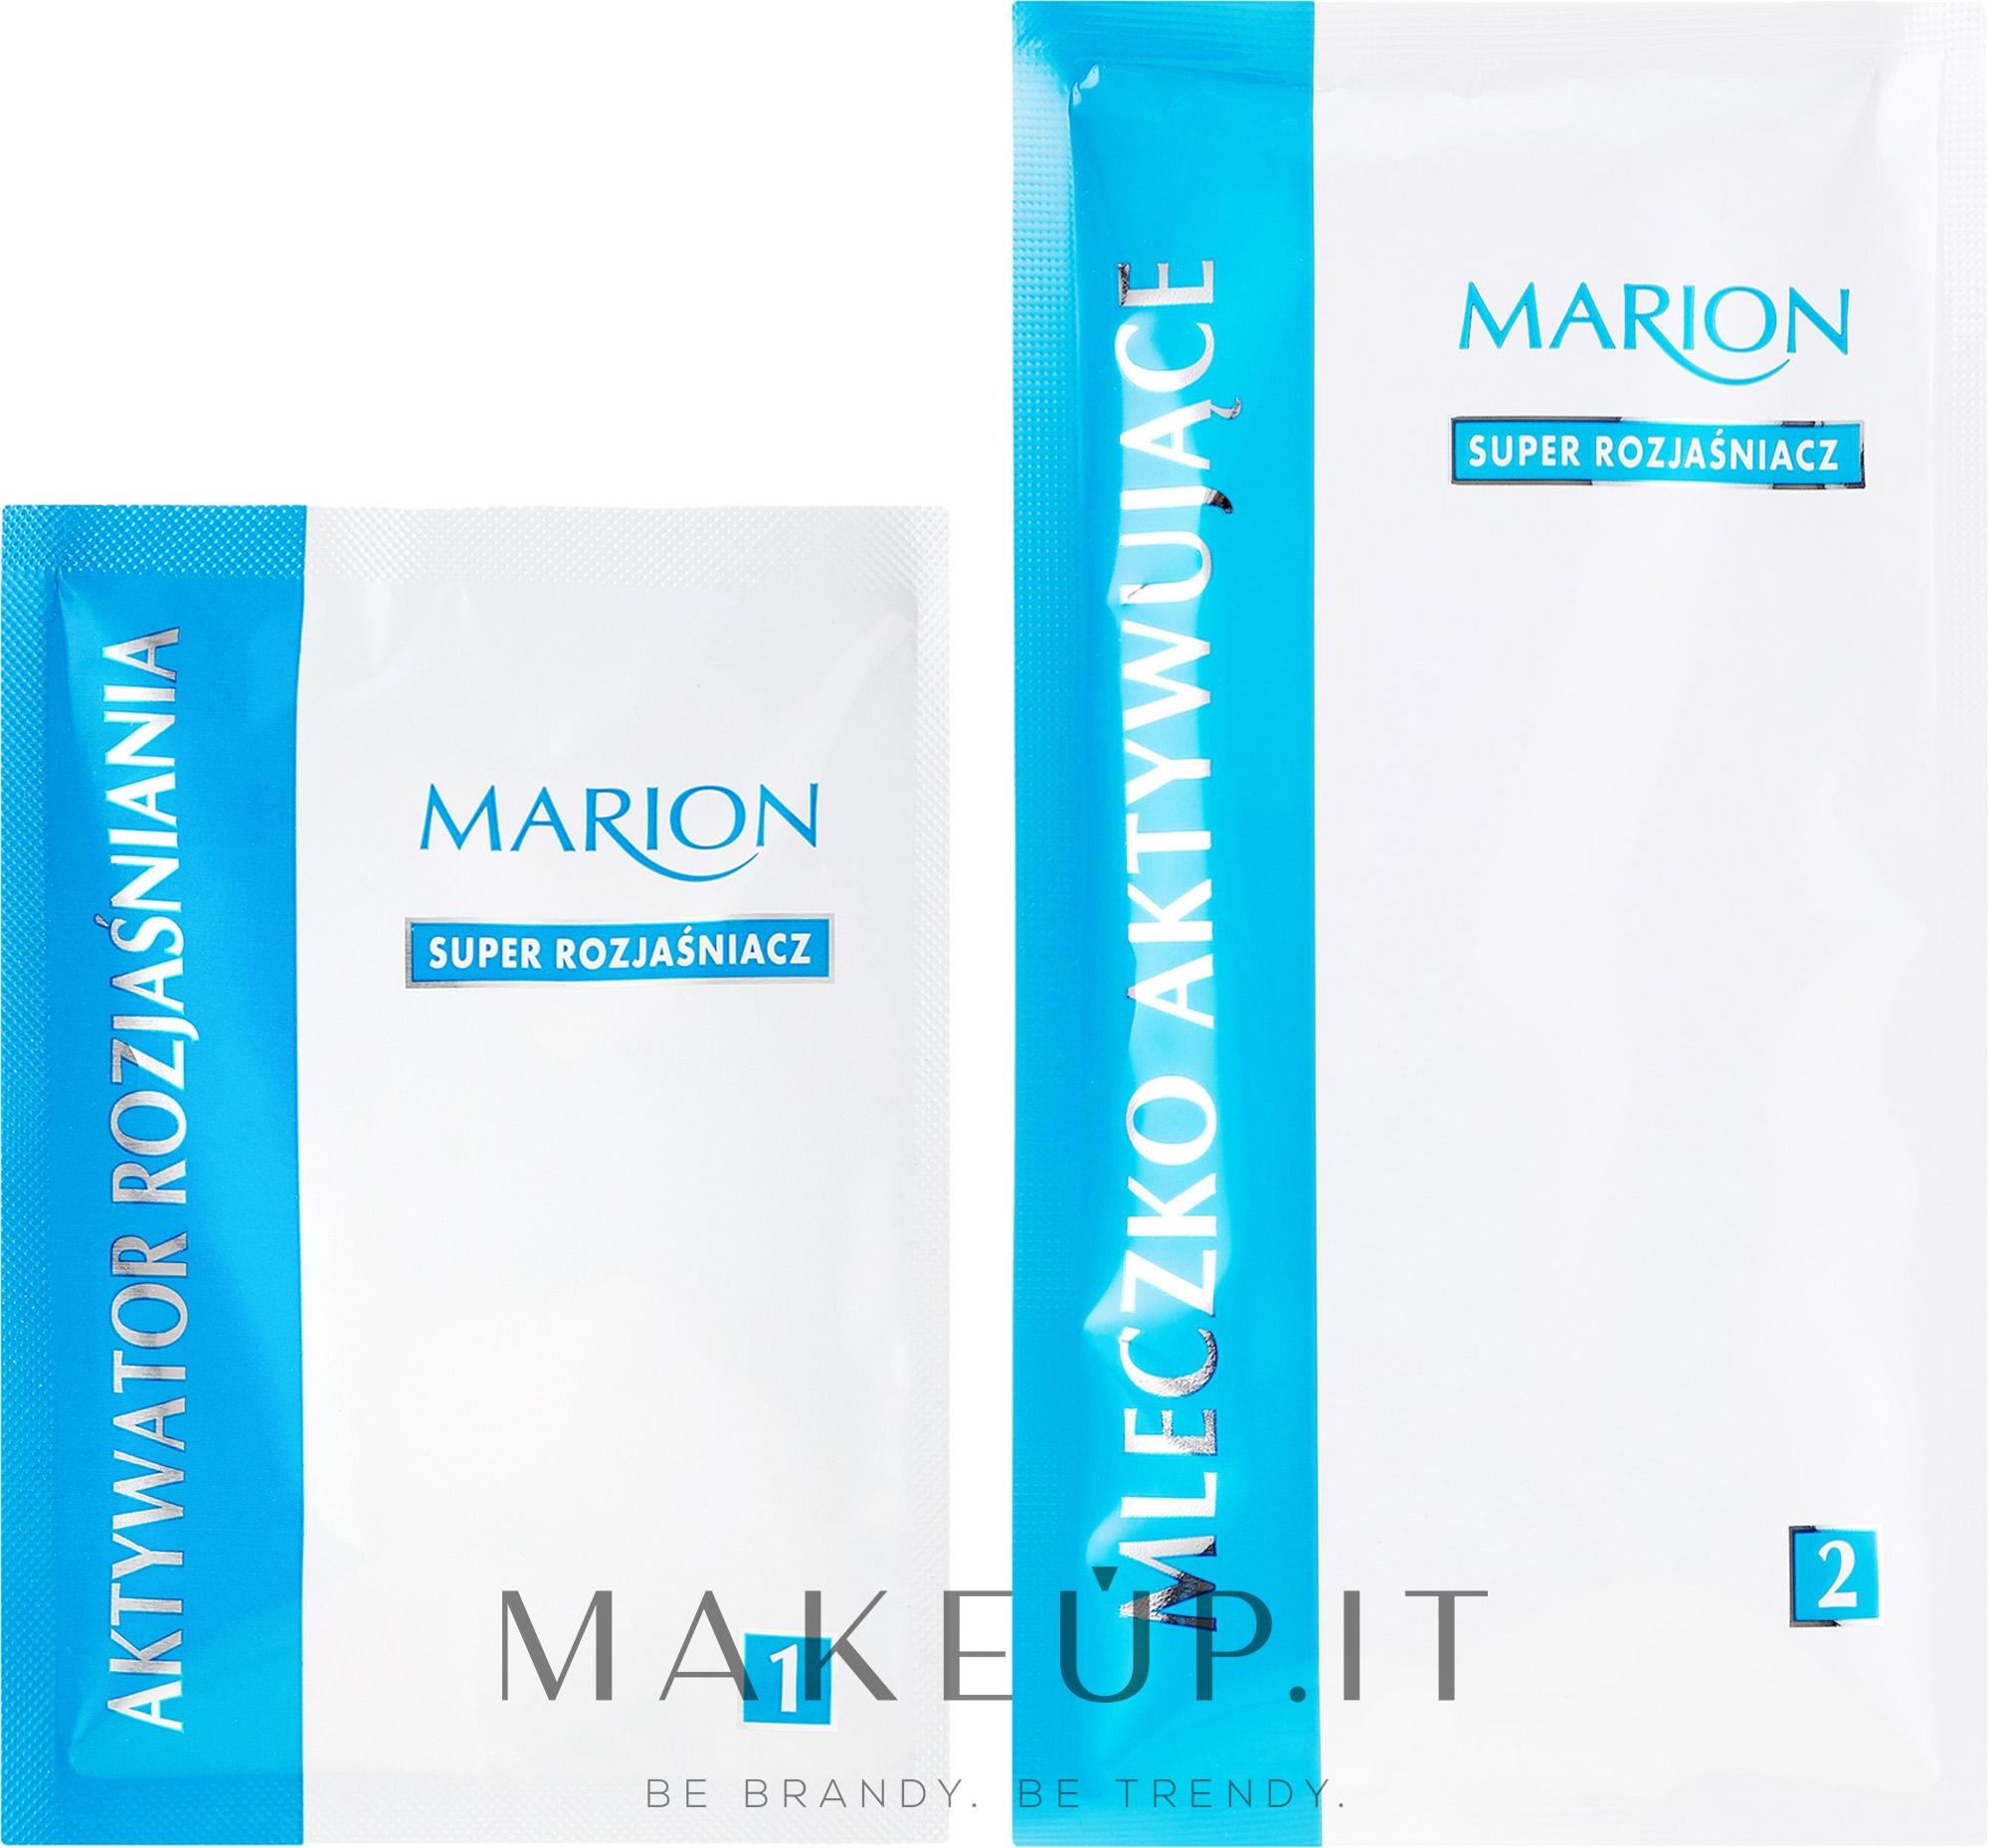 Tinta decolorante mèches №986 - Marion Super Brightener — foto 90 ml